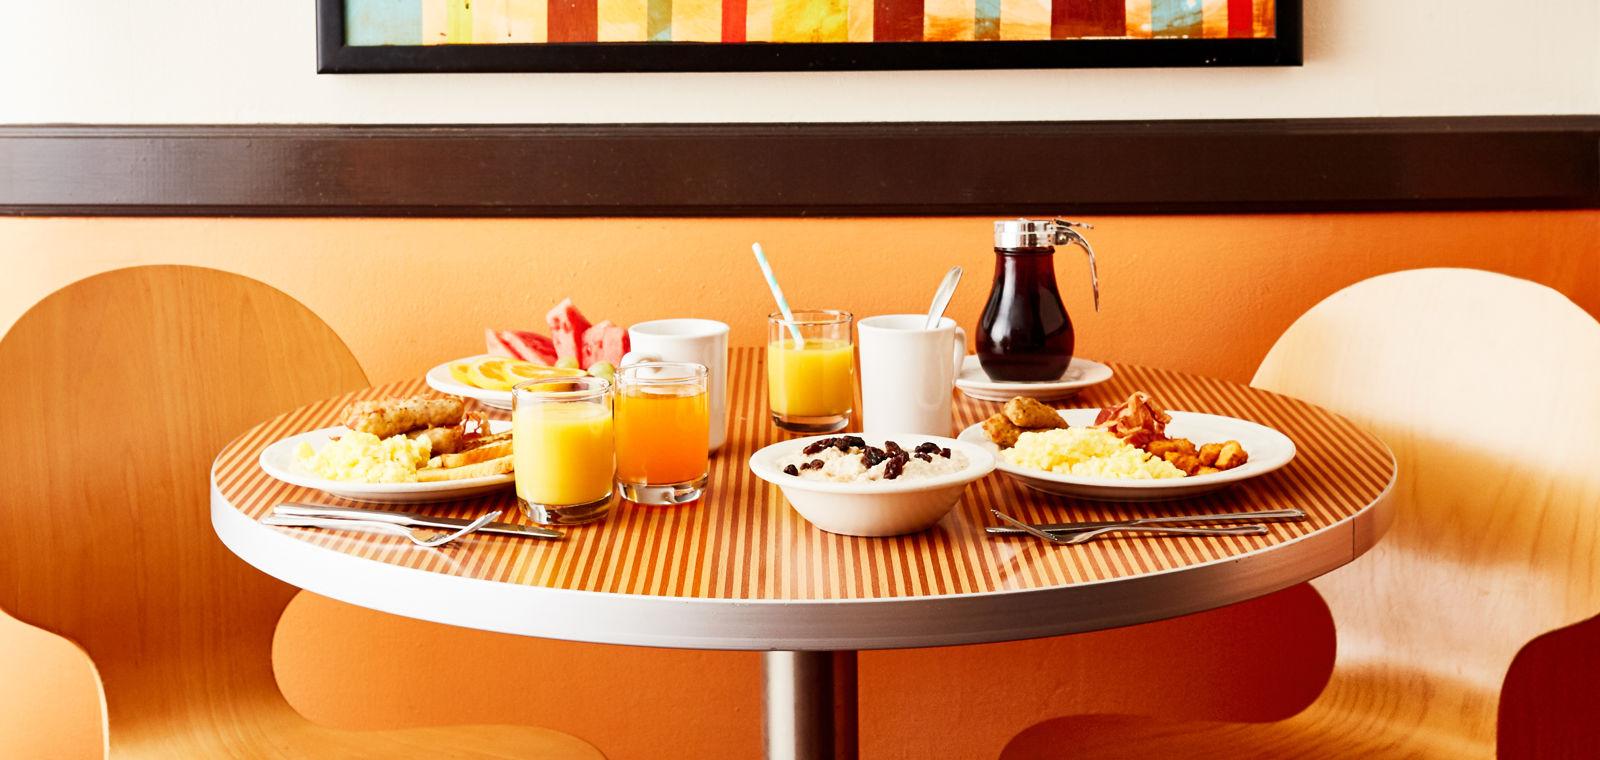 Hotel Avante Breakfast